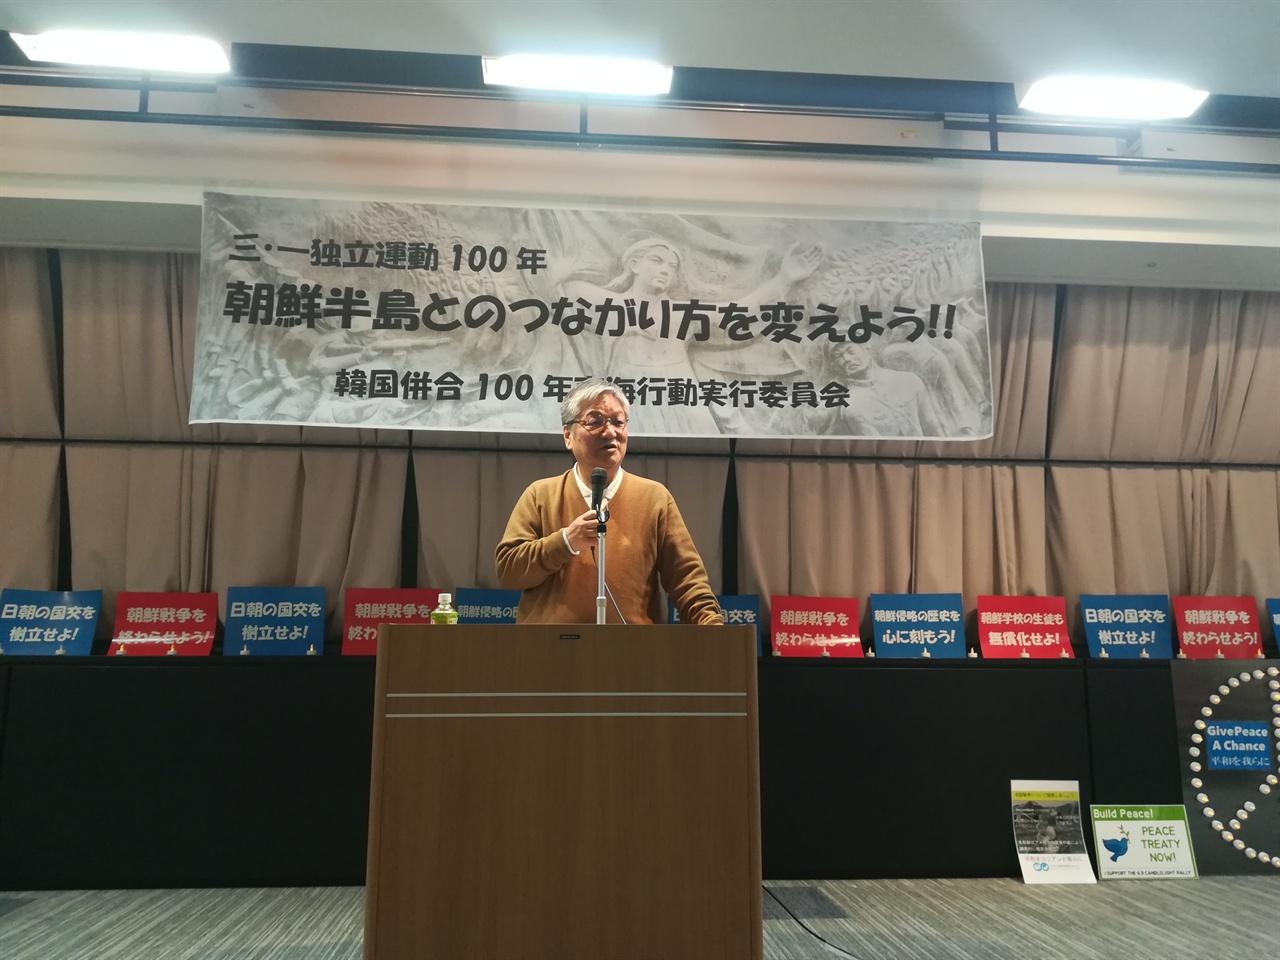 3. 1운동 100주년 기념 행사 강연자로 참석한 서경식 교수